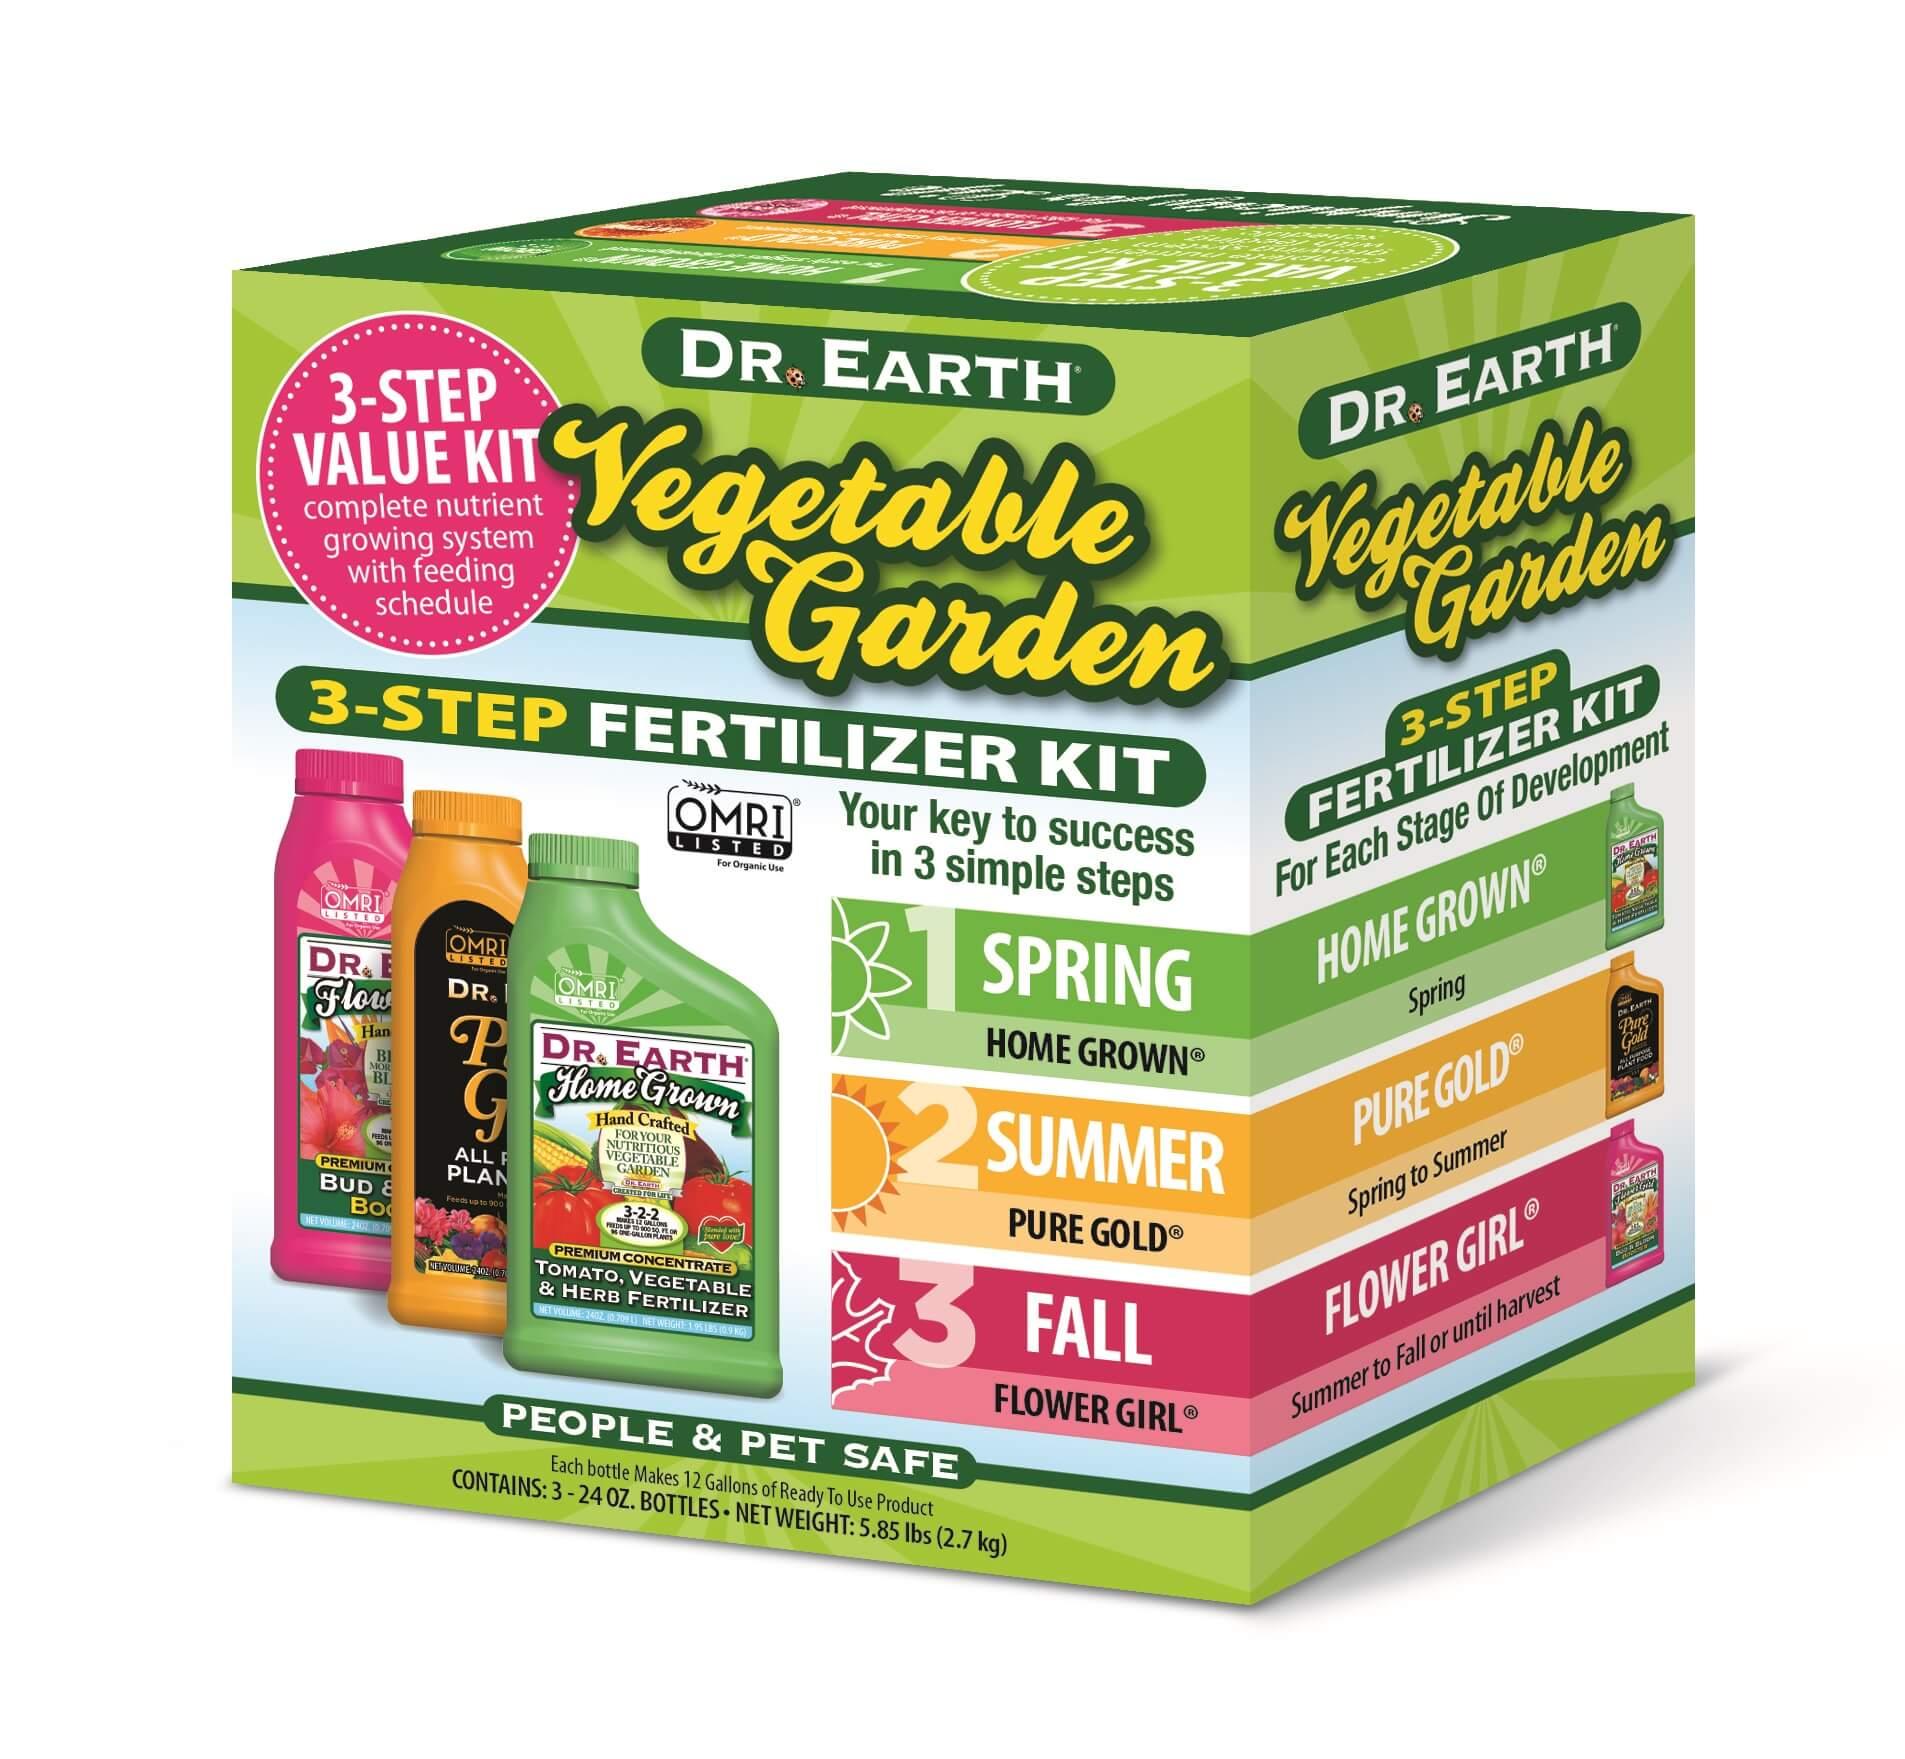 Vegetable Garden 3-step kit